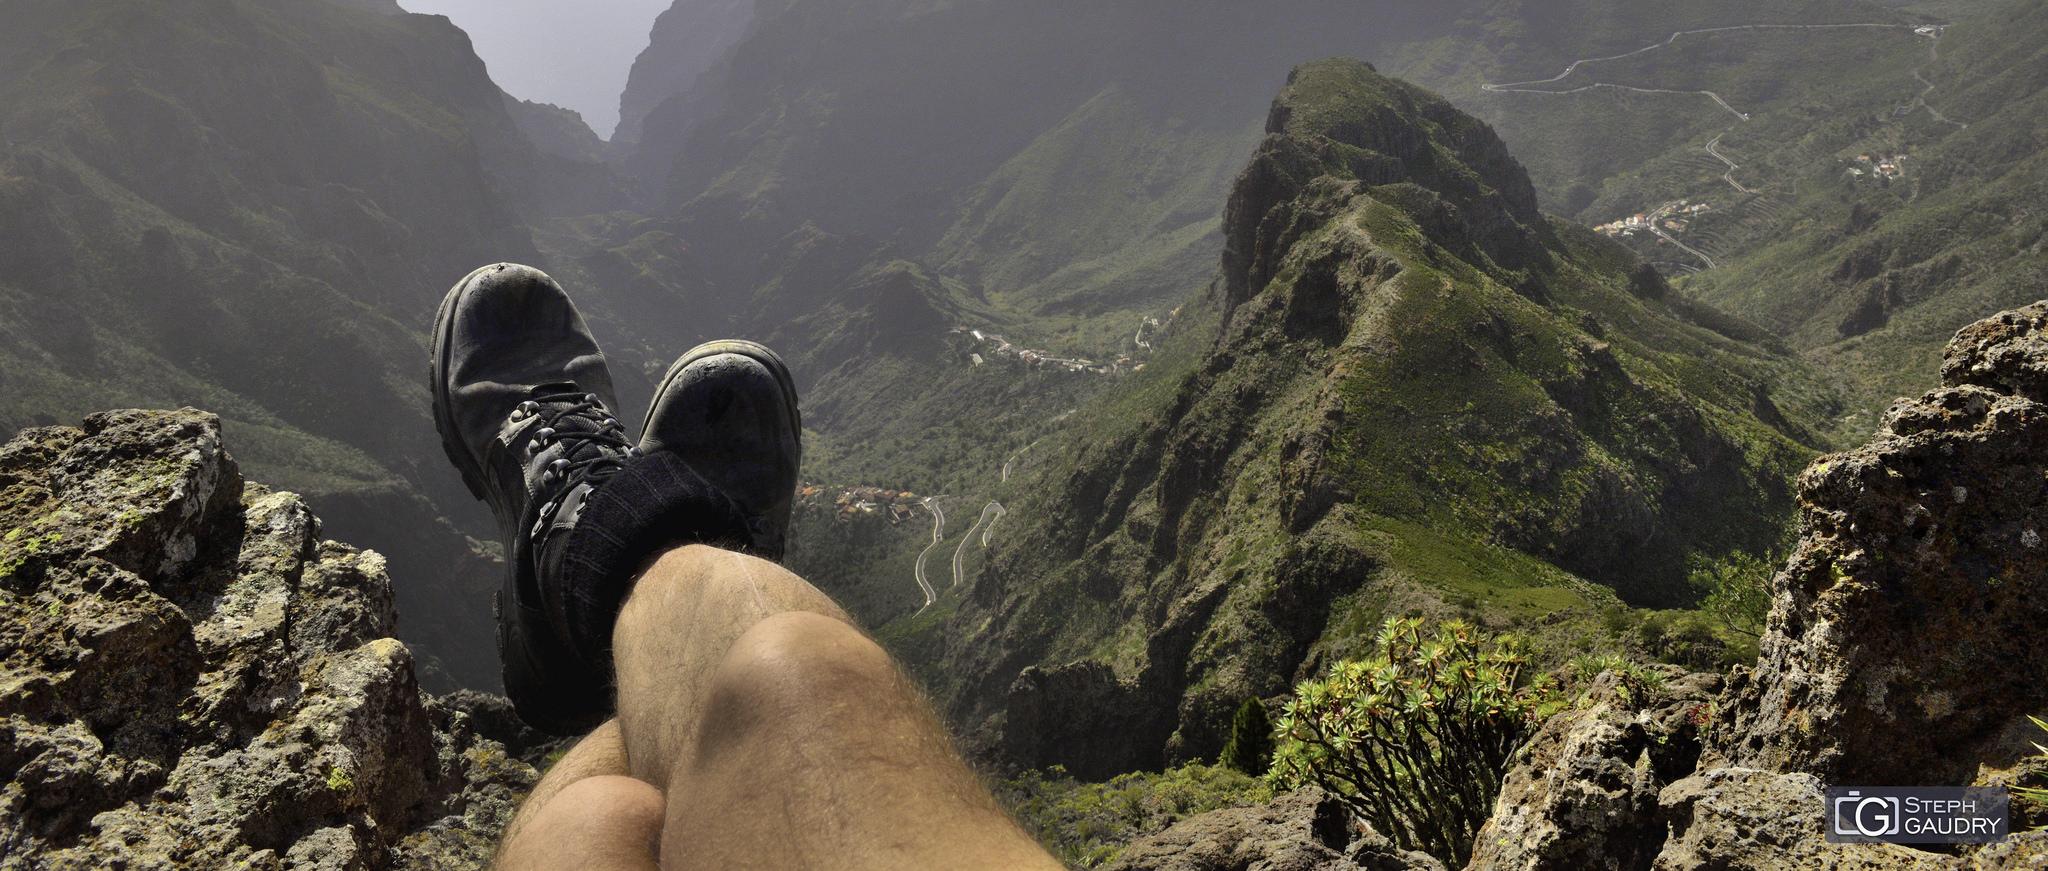 Trekking : El descanso y la vista sobre el Barranco de Masca [Klik om de diavoorstelling te starten]